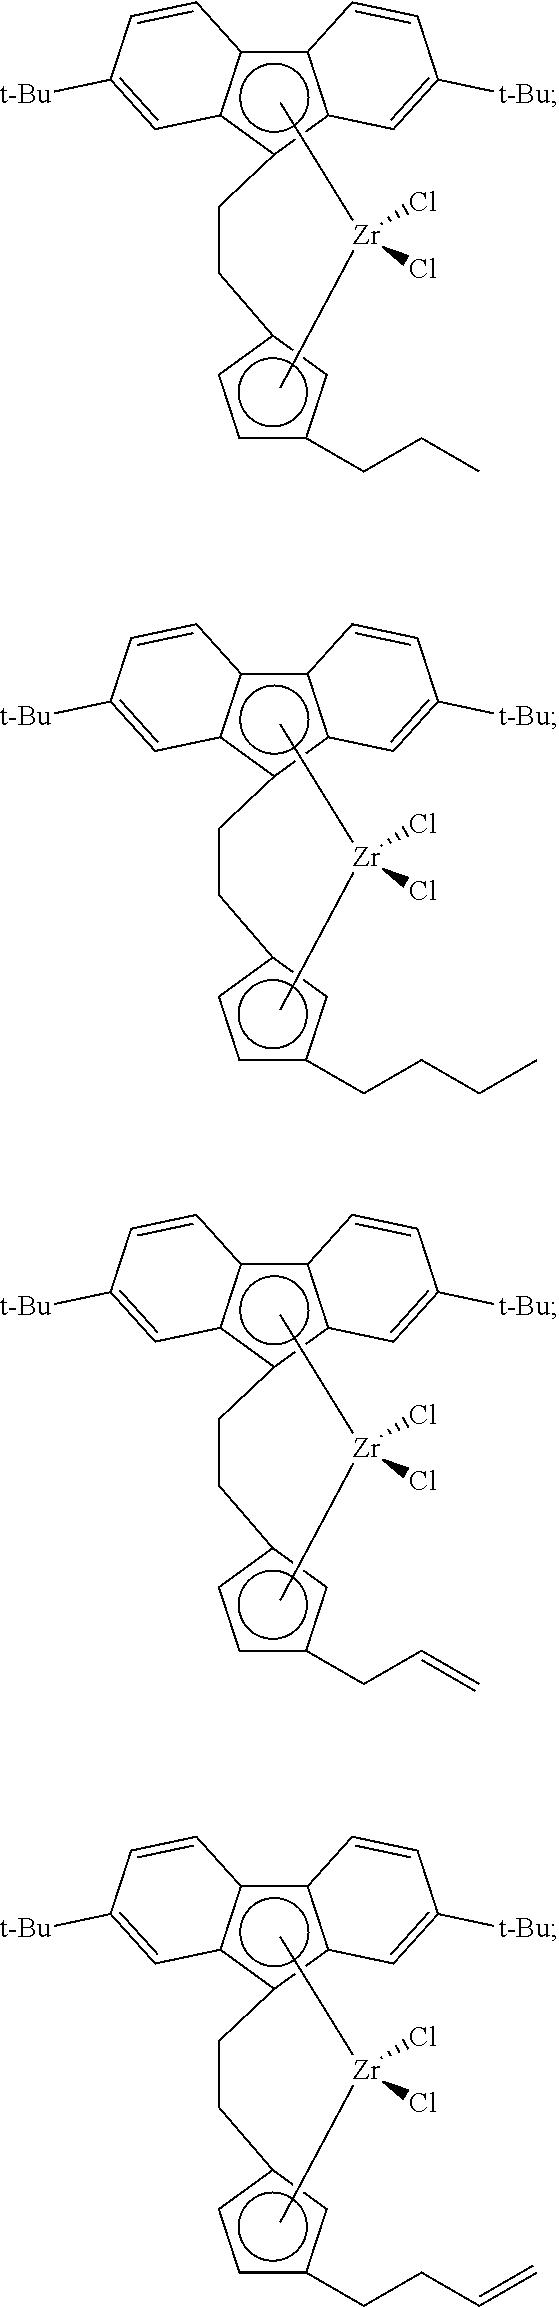 Figure US08501654-20130806-C00023